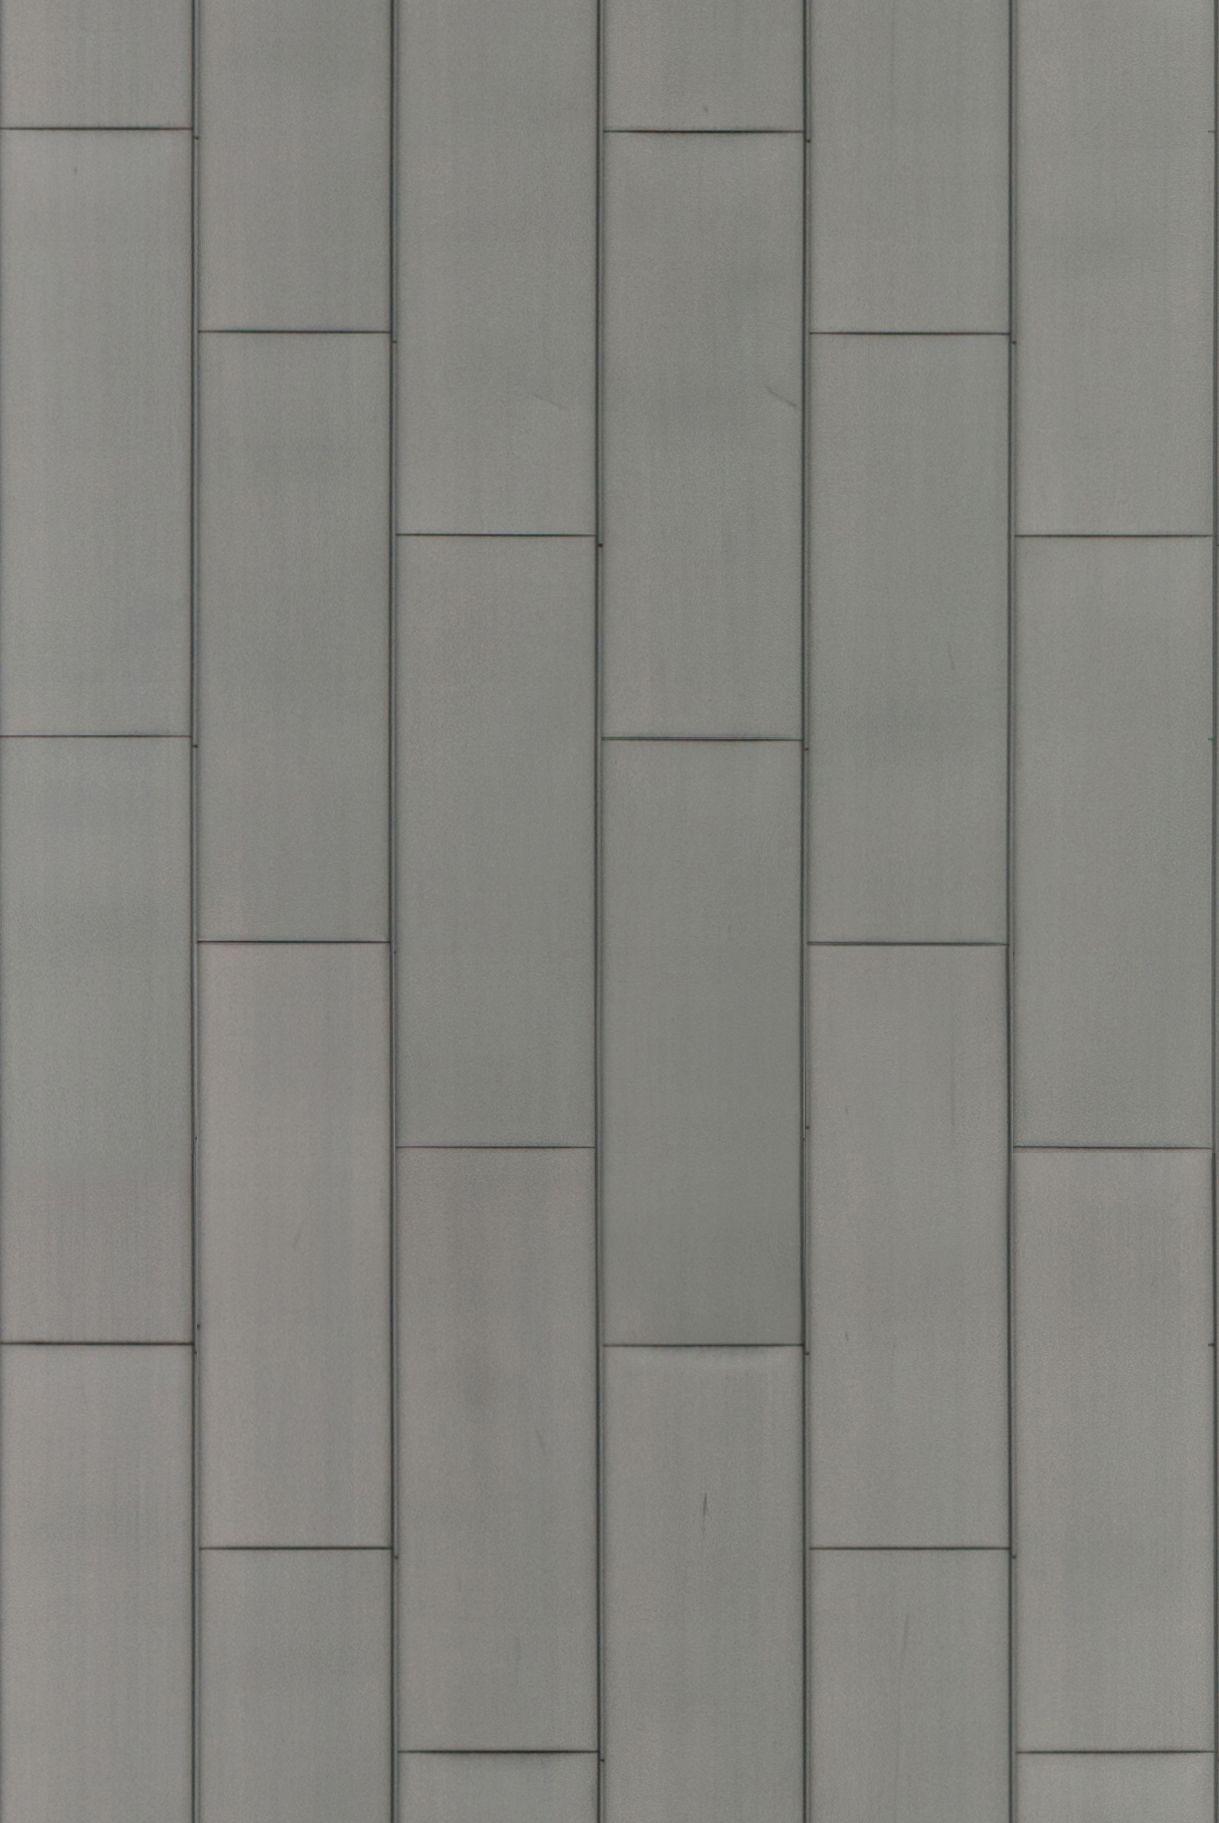 Zinc Panel Texture : Zinc standing seam architextures helpful pinterest